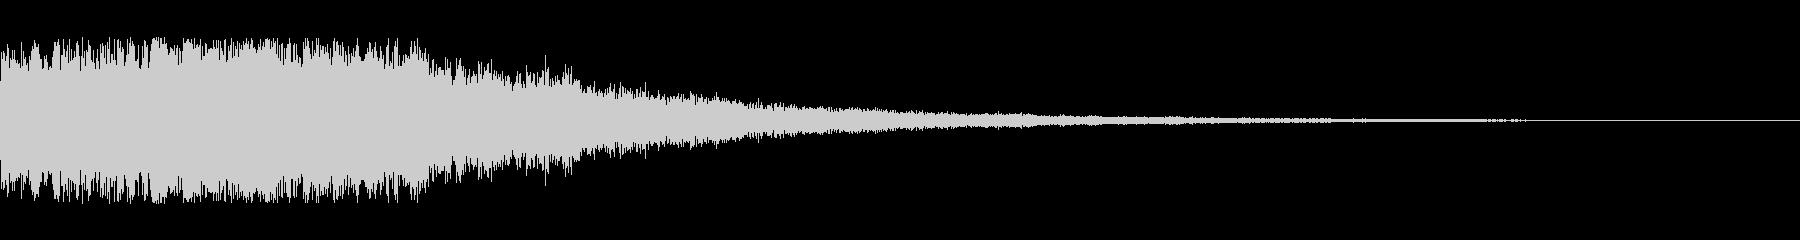 RPGゲームレベルアップ音3の未再生の波形